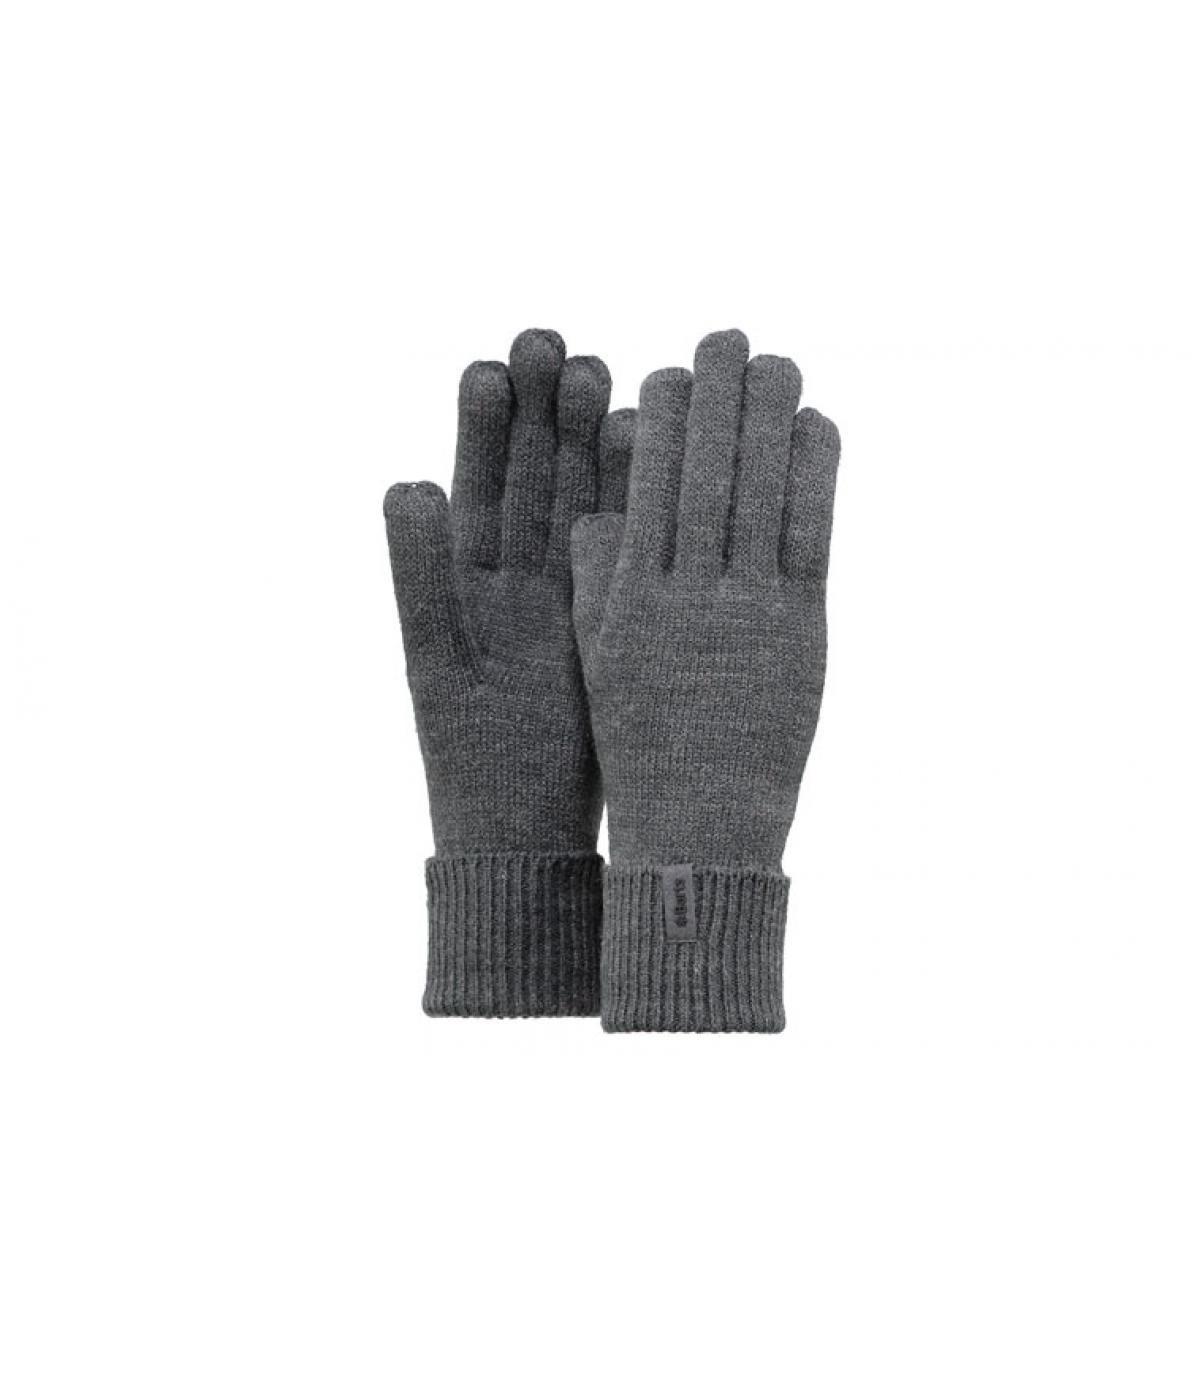 Détails Fine knitted gloves dark heather - image 3